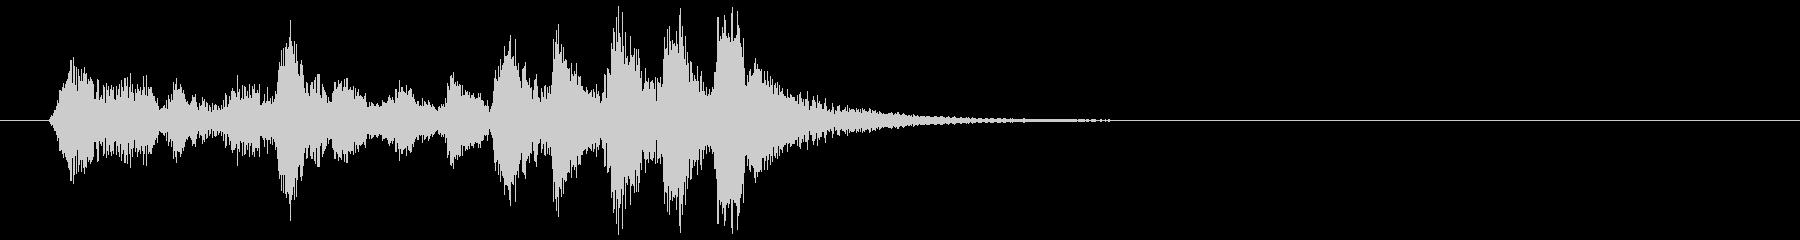 魔法、木管のコミカルなロゴ・ジングルの未再生の波形